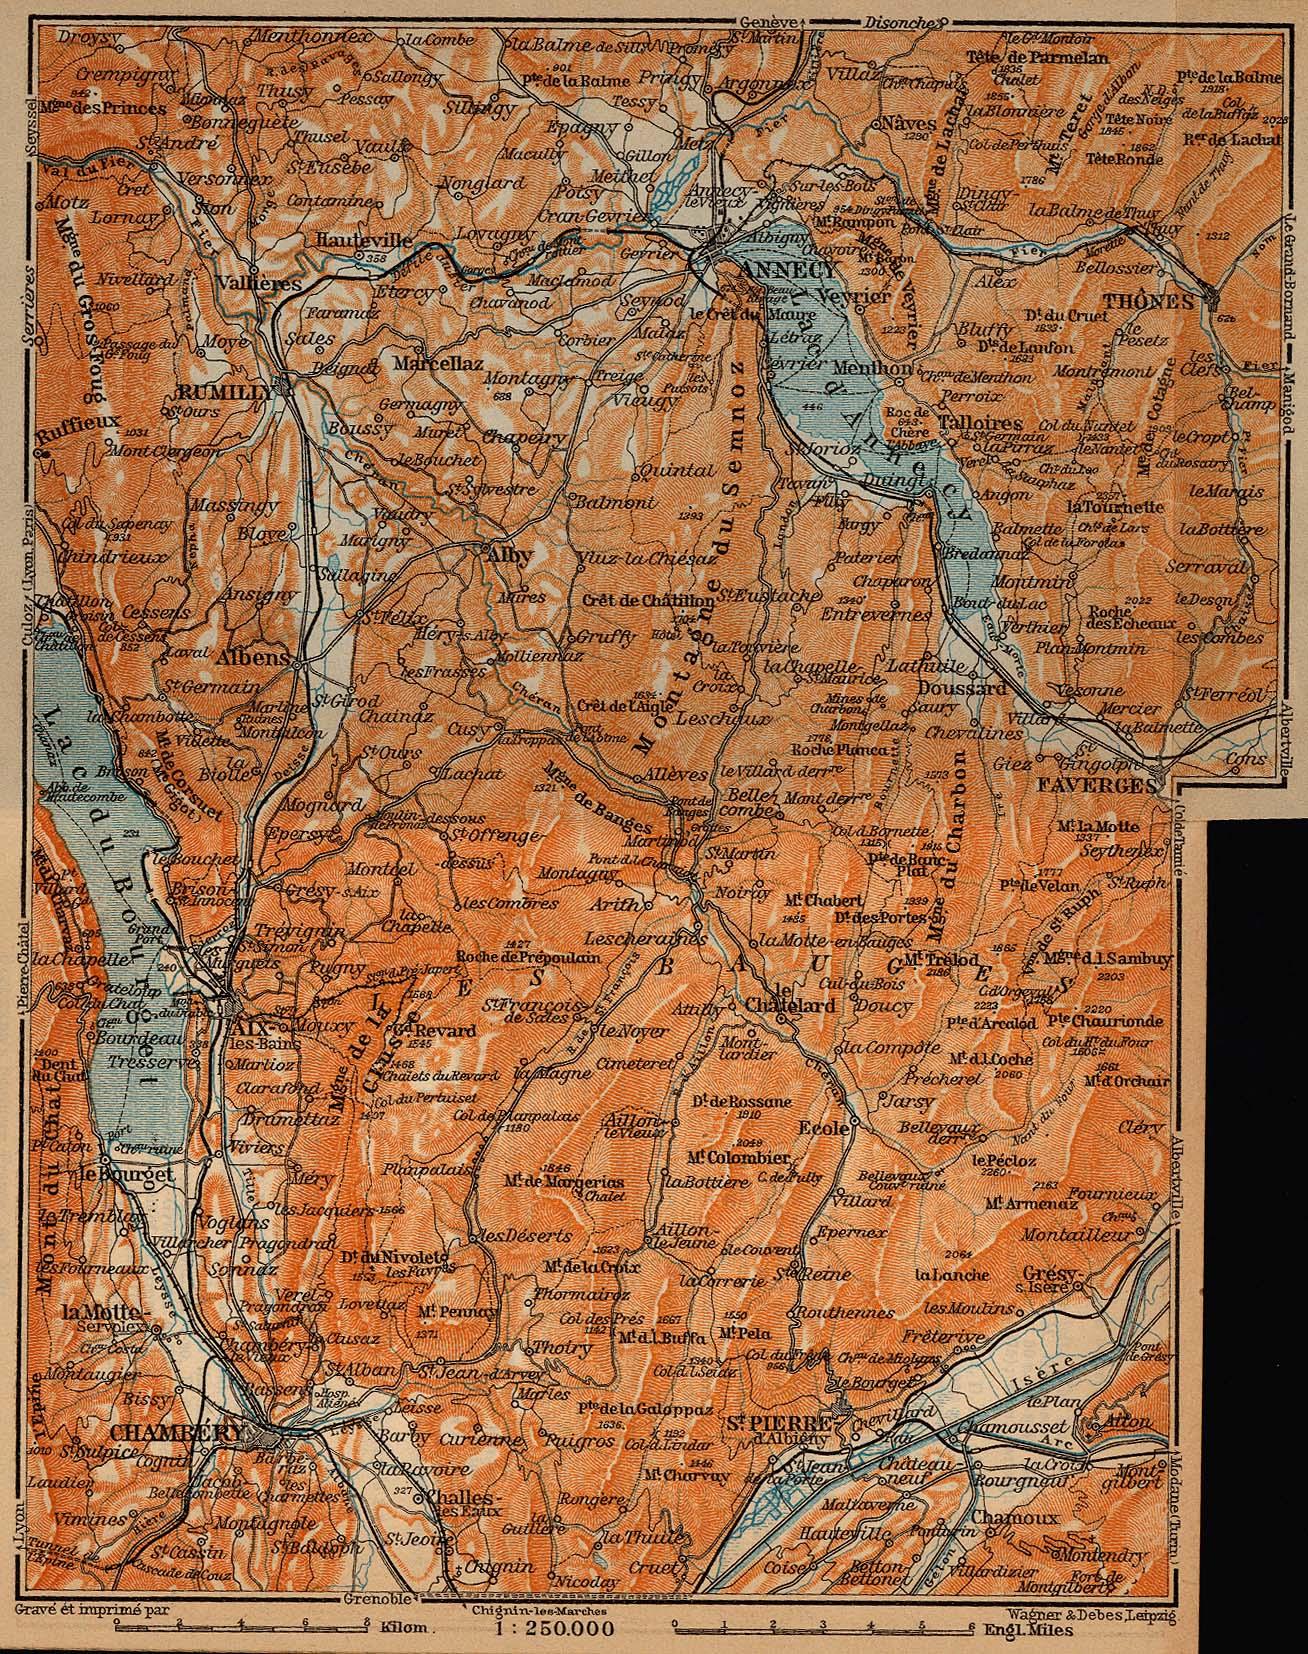 Mapa De Annecy Les Bauges Y Aix Les Bains Francia 1914 Mapa